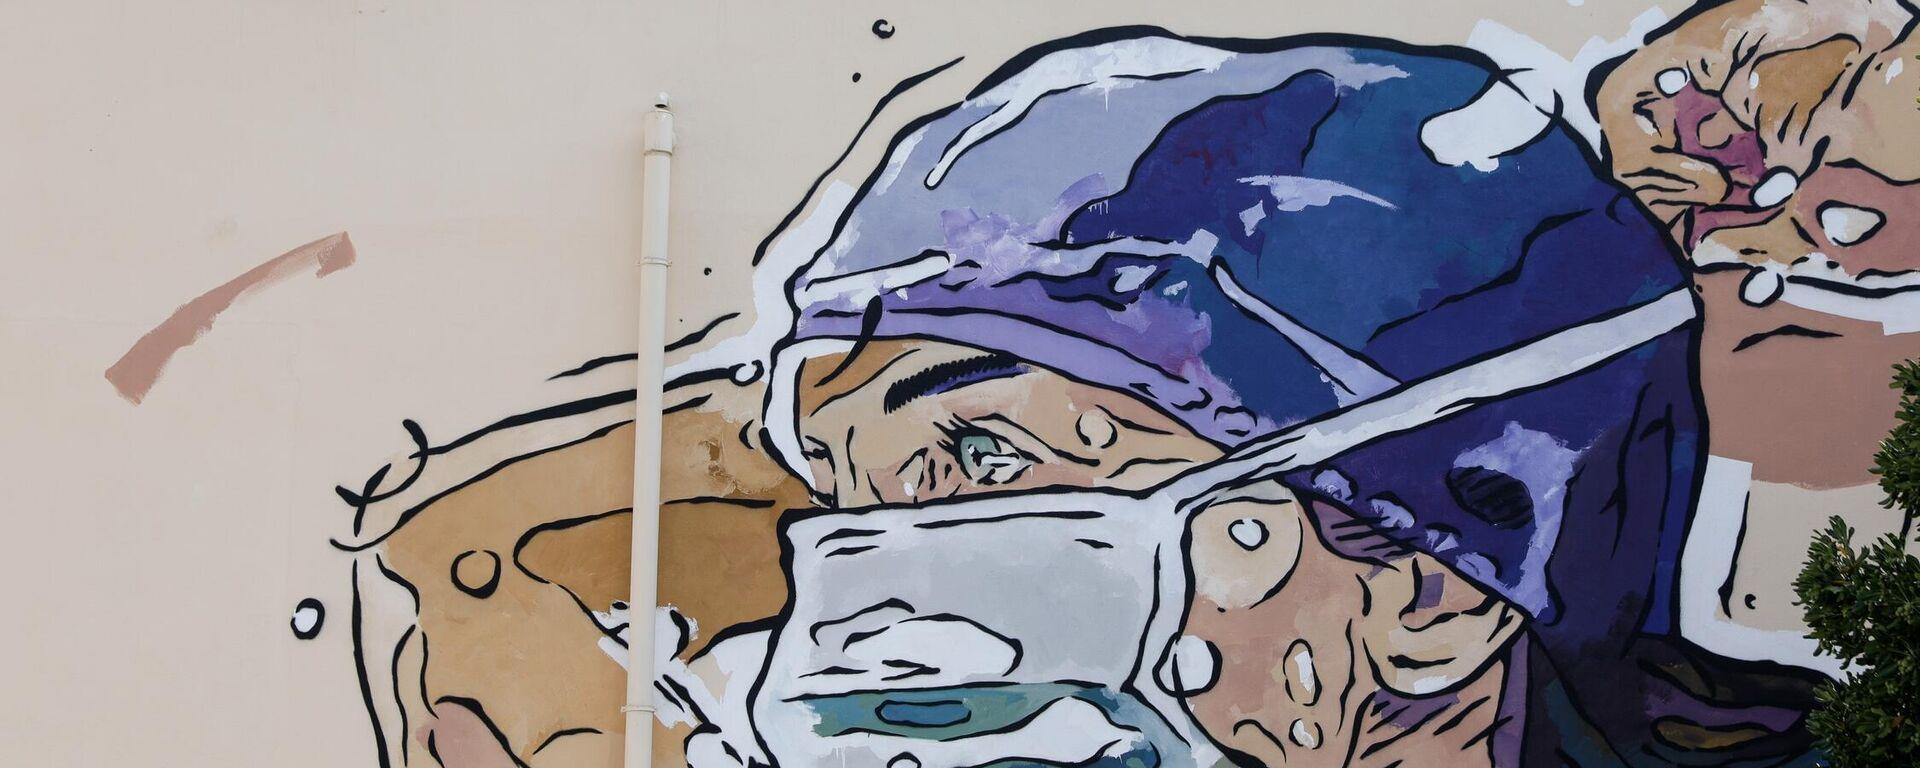 Τοιχογραφία στην πρόσοψη του νοσοκομείου ΑΧΕΠΑ, που αναπαριστά έναν καταπονημένο νοσηλευτή με μάσκα, Θεσσαλονίκη, 23 Ιουλίου 2020.  - Sputnik Ελλάδα, 1920, 08.09.2021